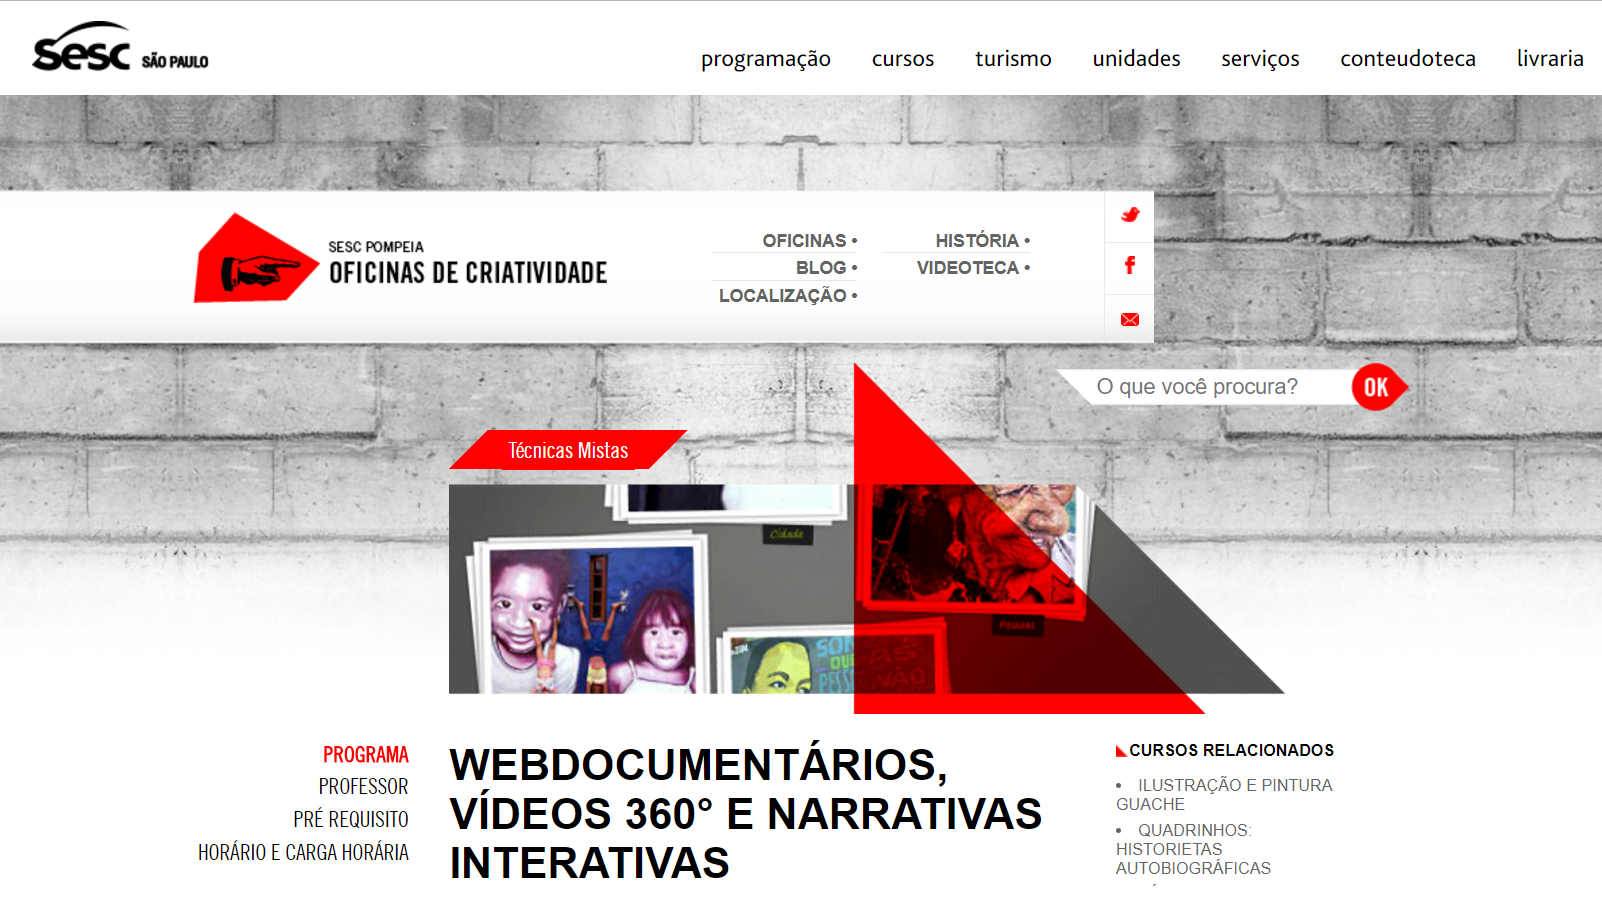 Webdocumentários, Vídeos 360° e Narrativas Interativas